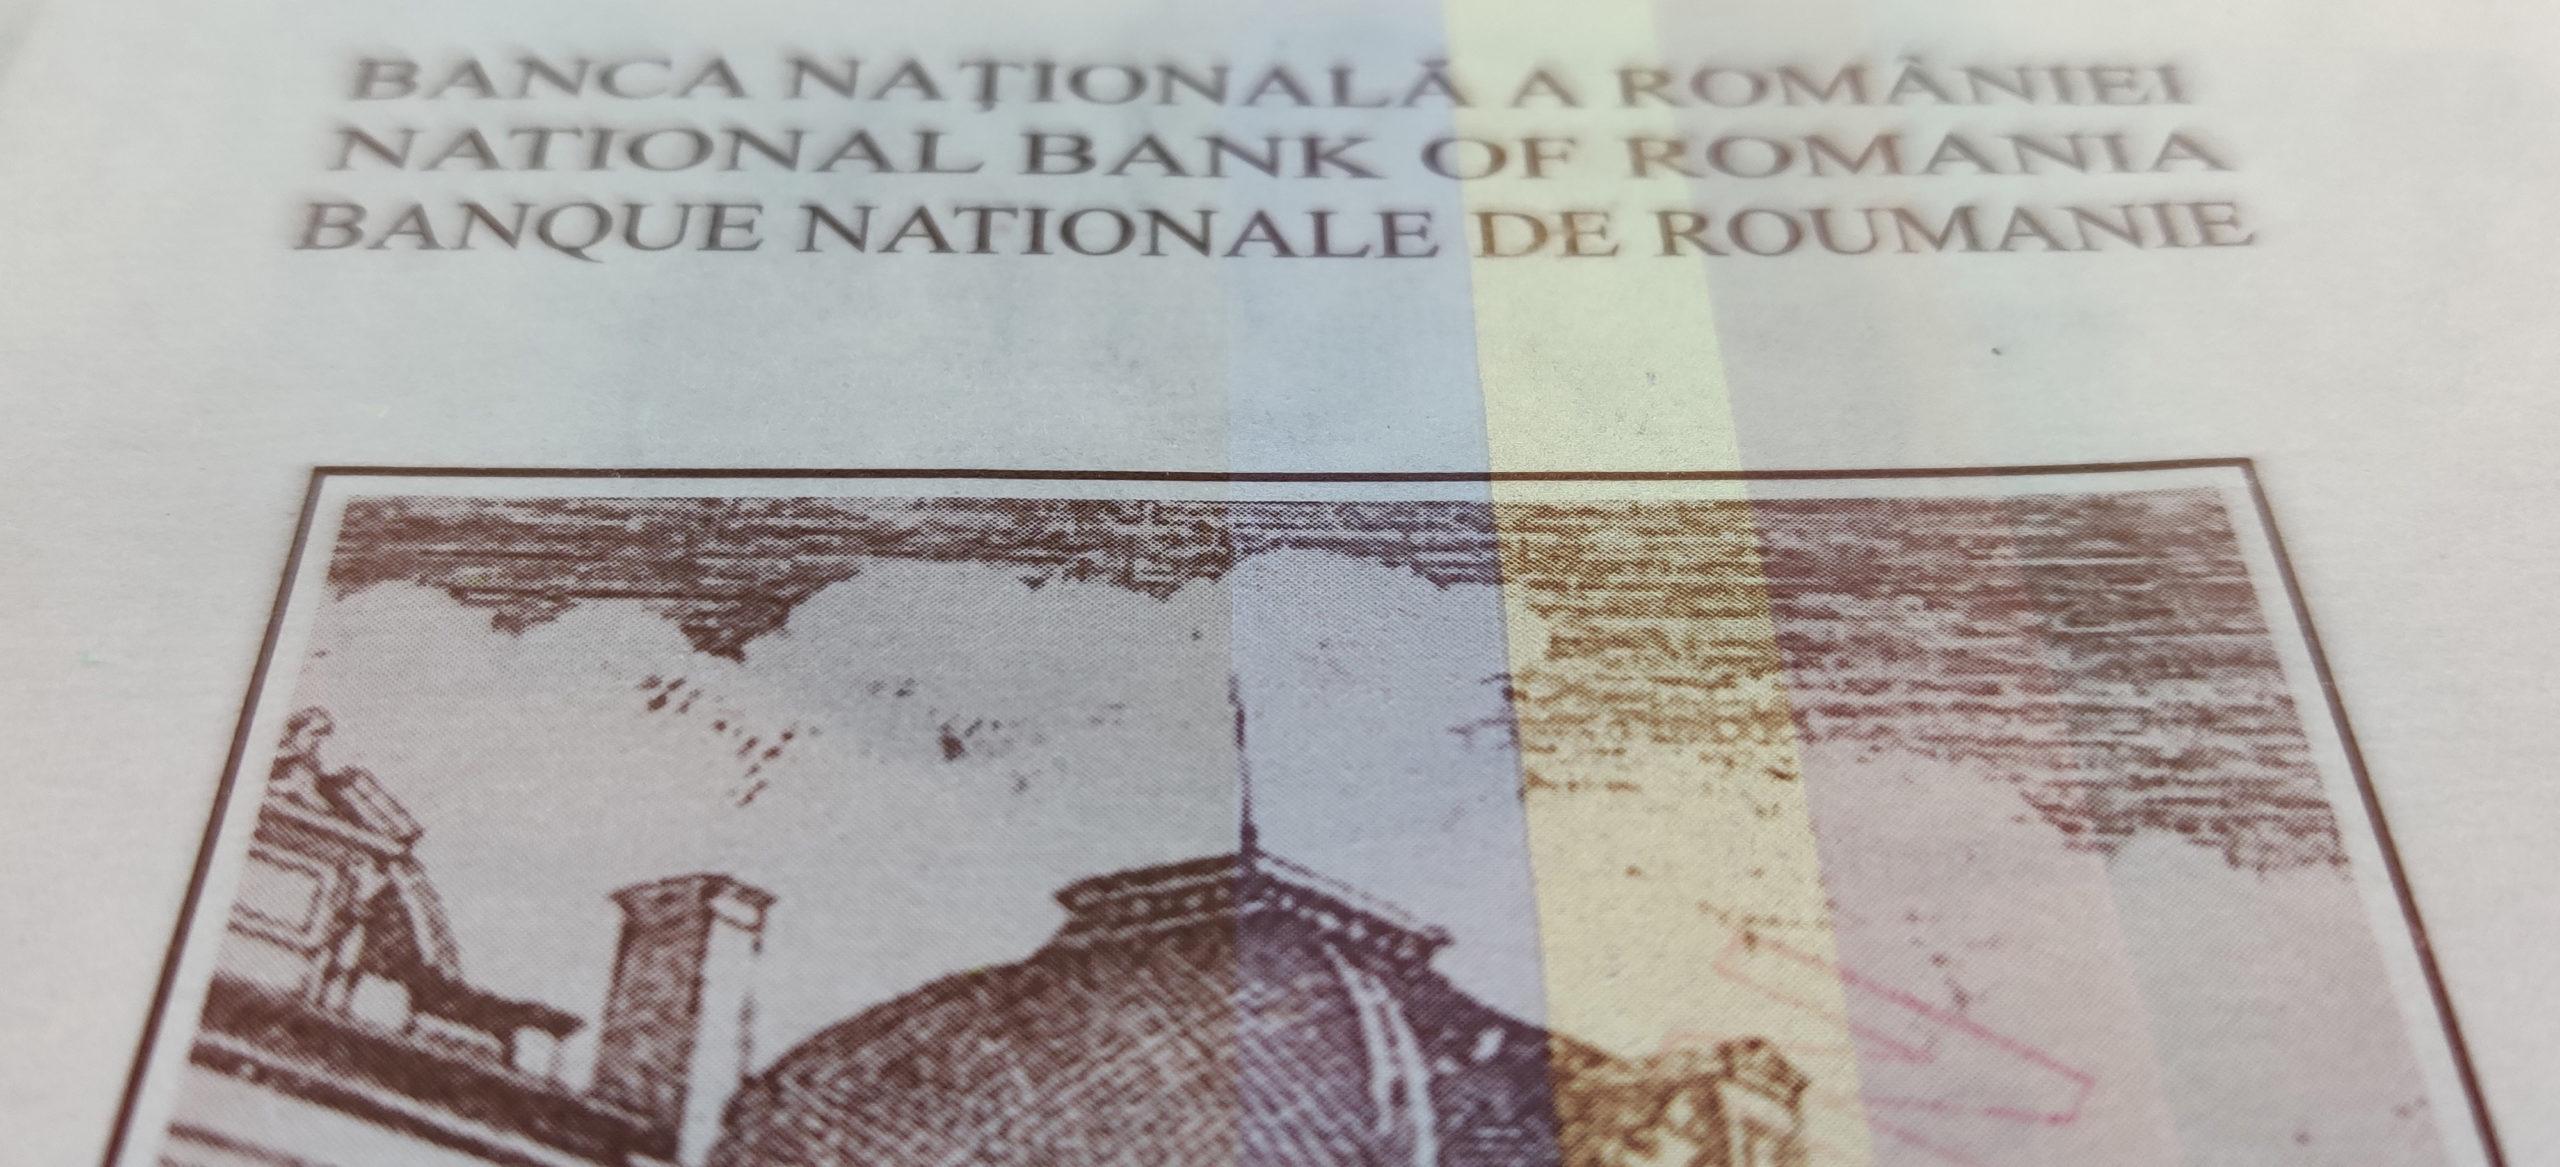 Imprimeria BNR - Imprimate securizate